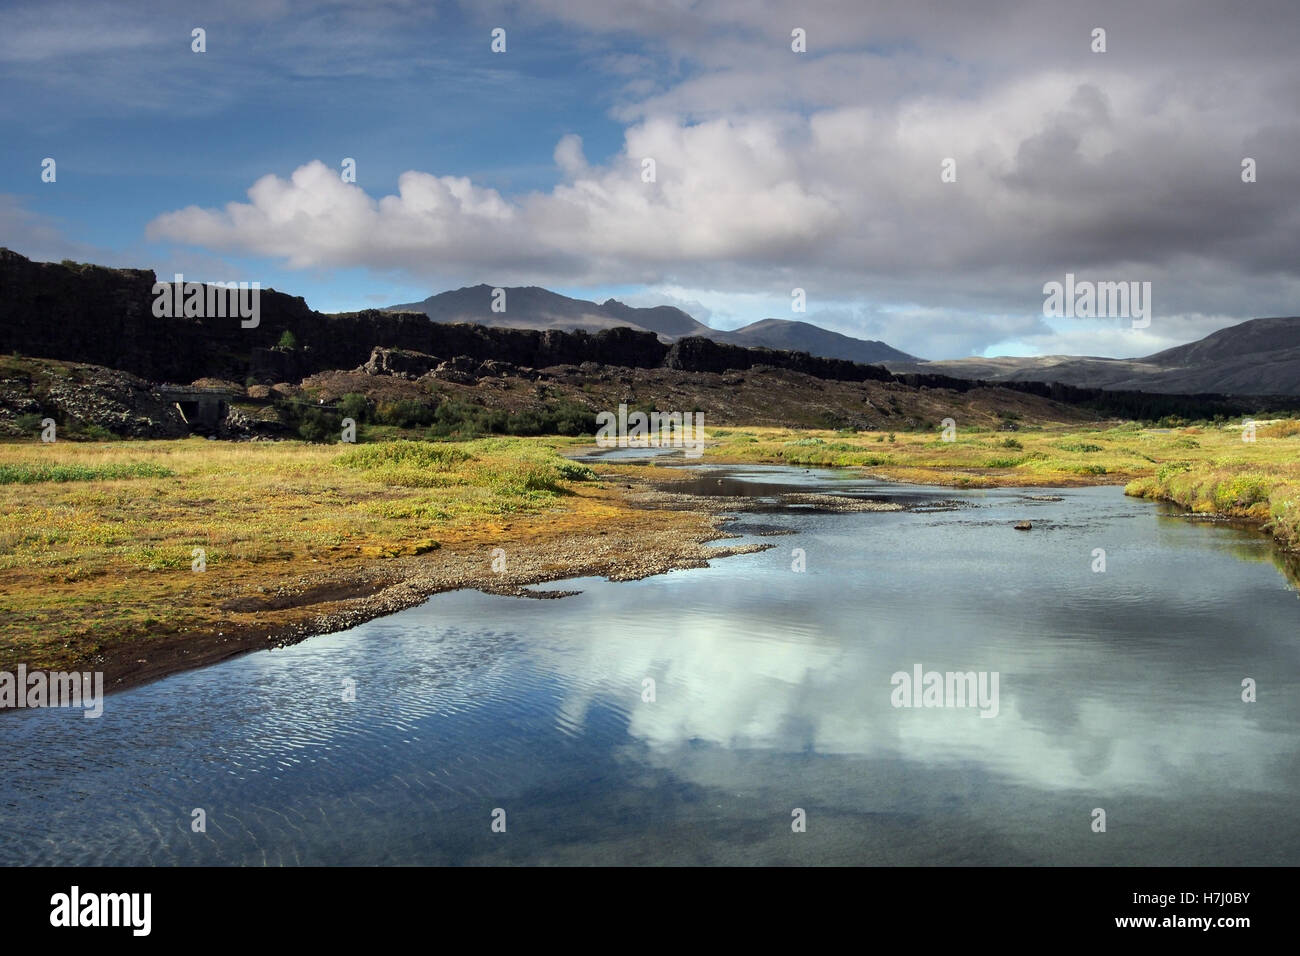 El Parque Nacional de Thingvellir en Islandia Imagen De Stock